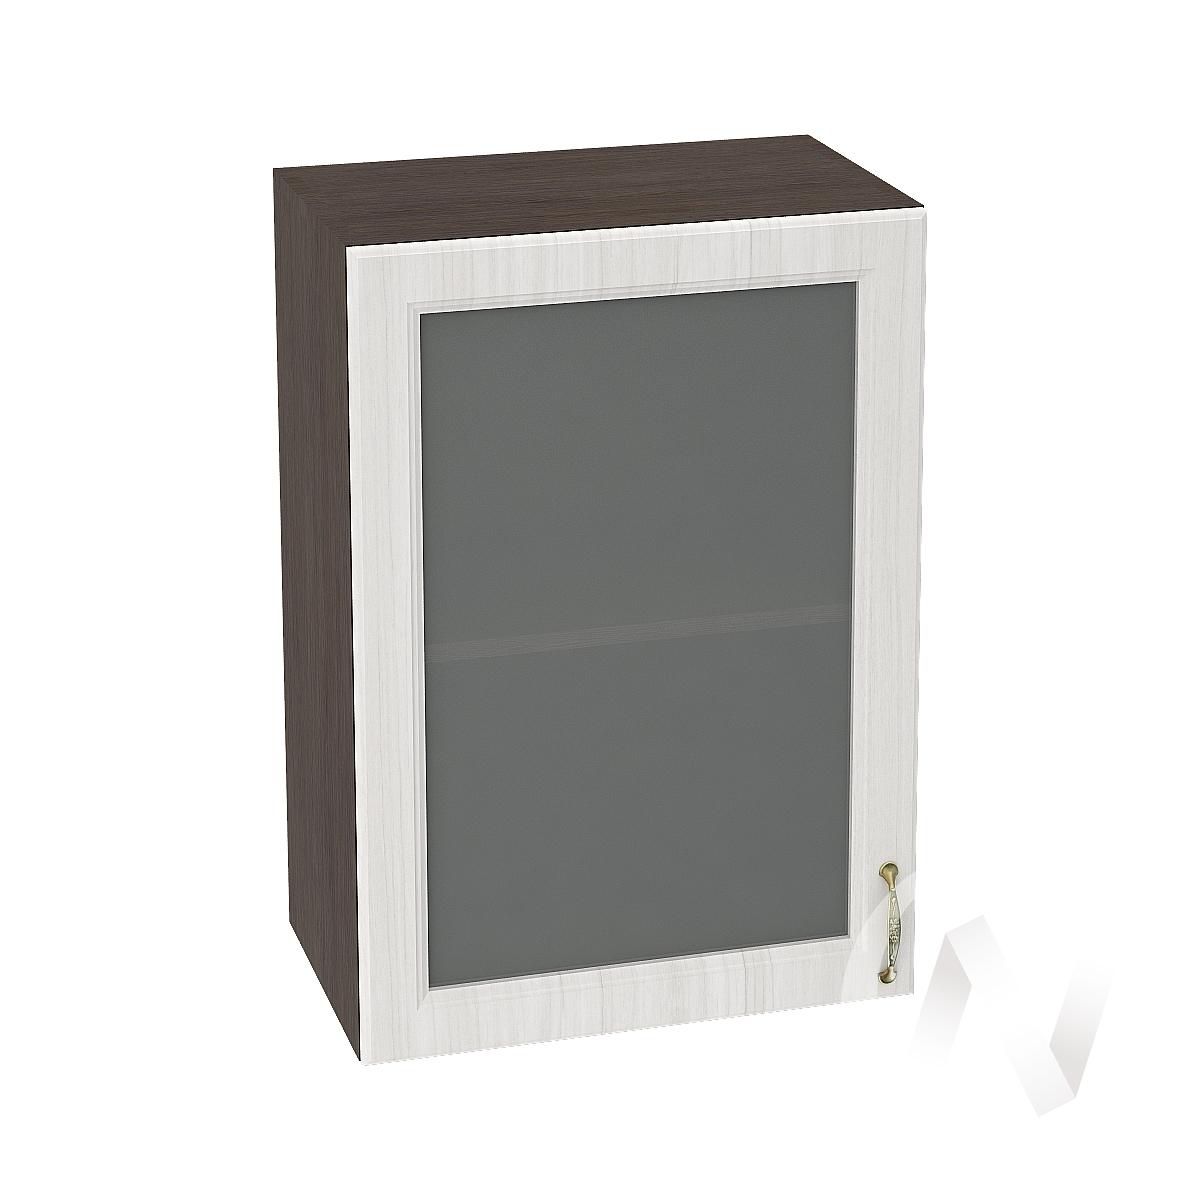 """Кухня """"Виктория"""": Шкаф верхний со стеклом 500, ШВС 500 (корпус венге)"""